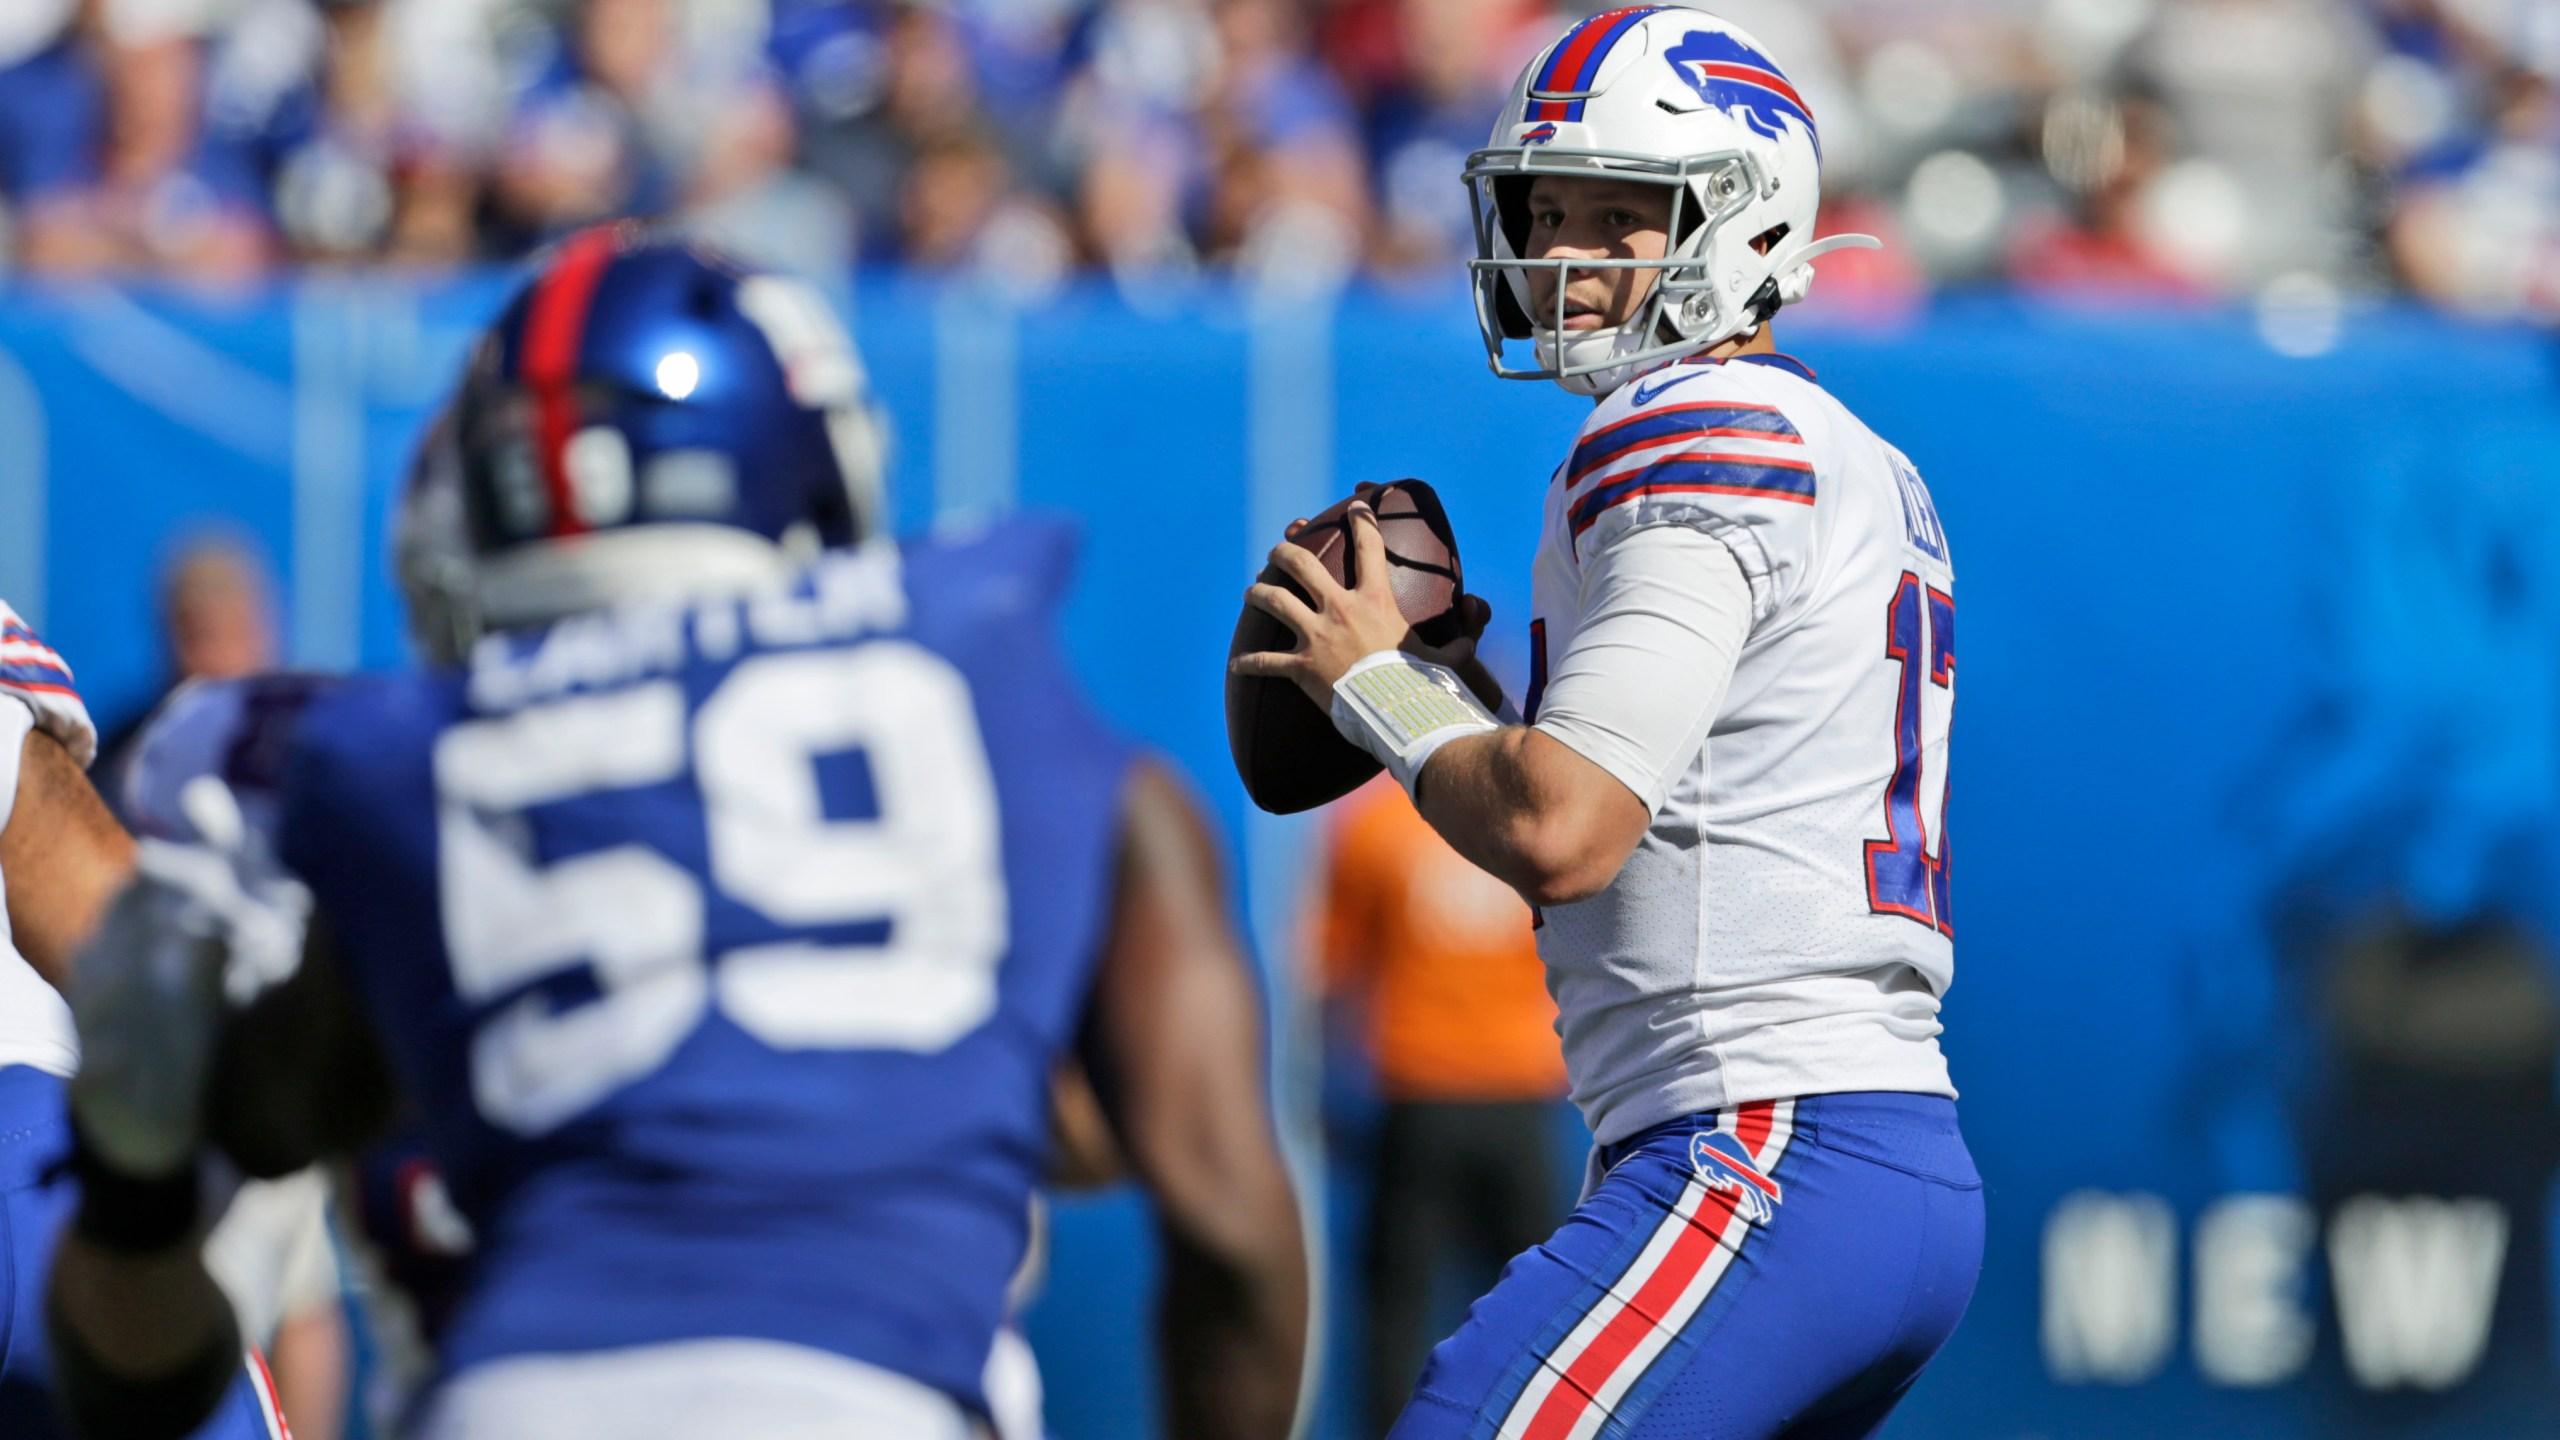 Allen S Strong First Half Carries Bills Past Giants News 4 Buffalo